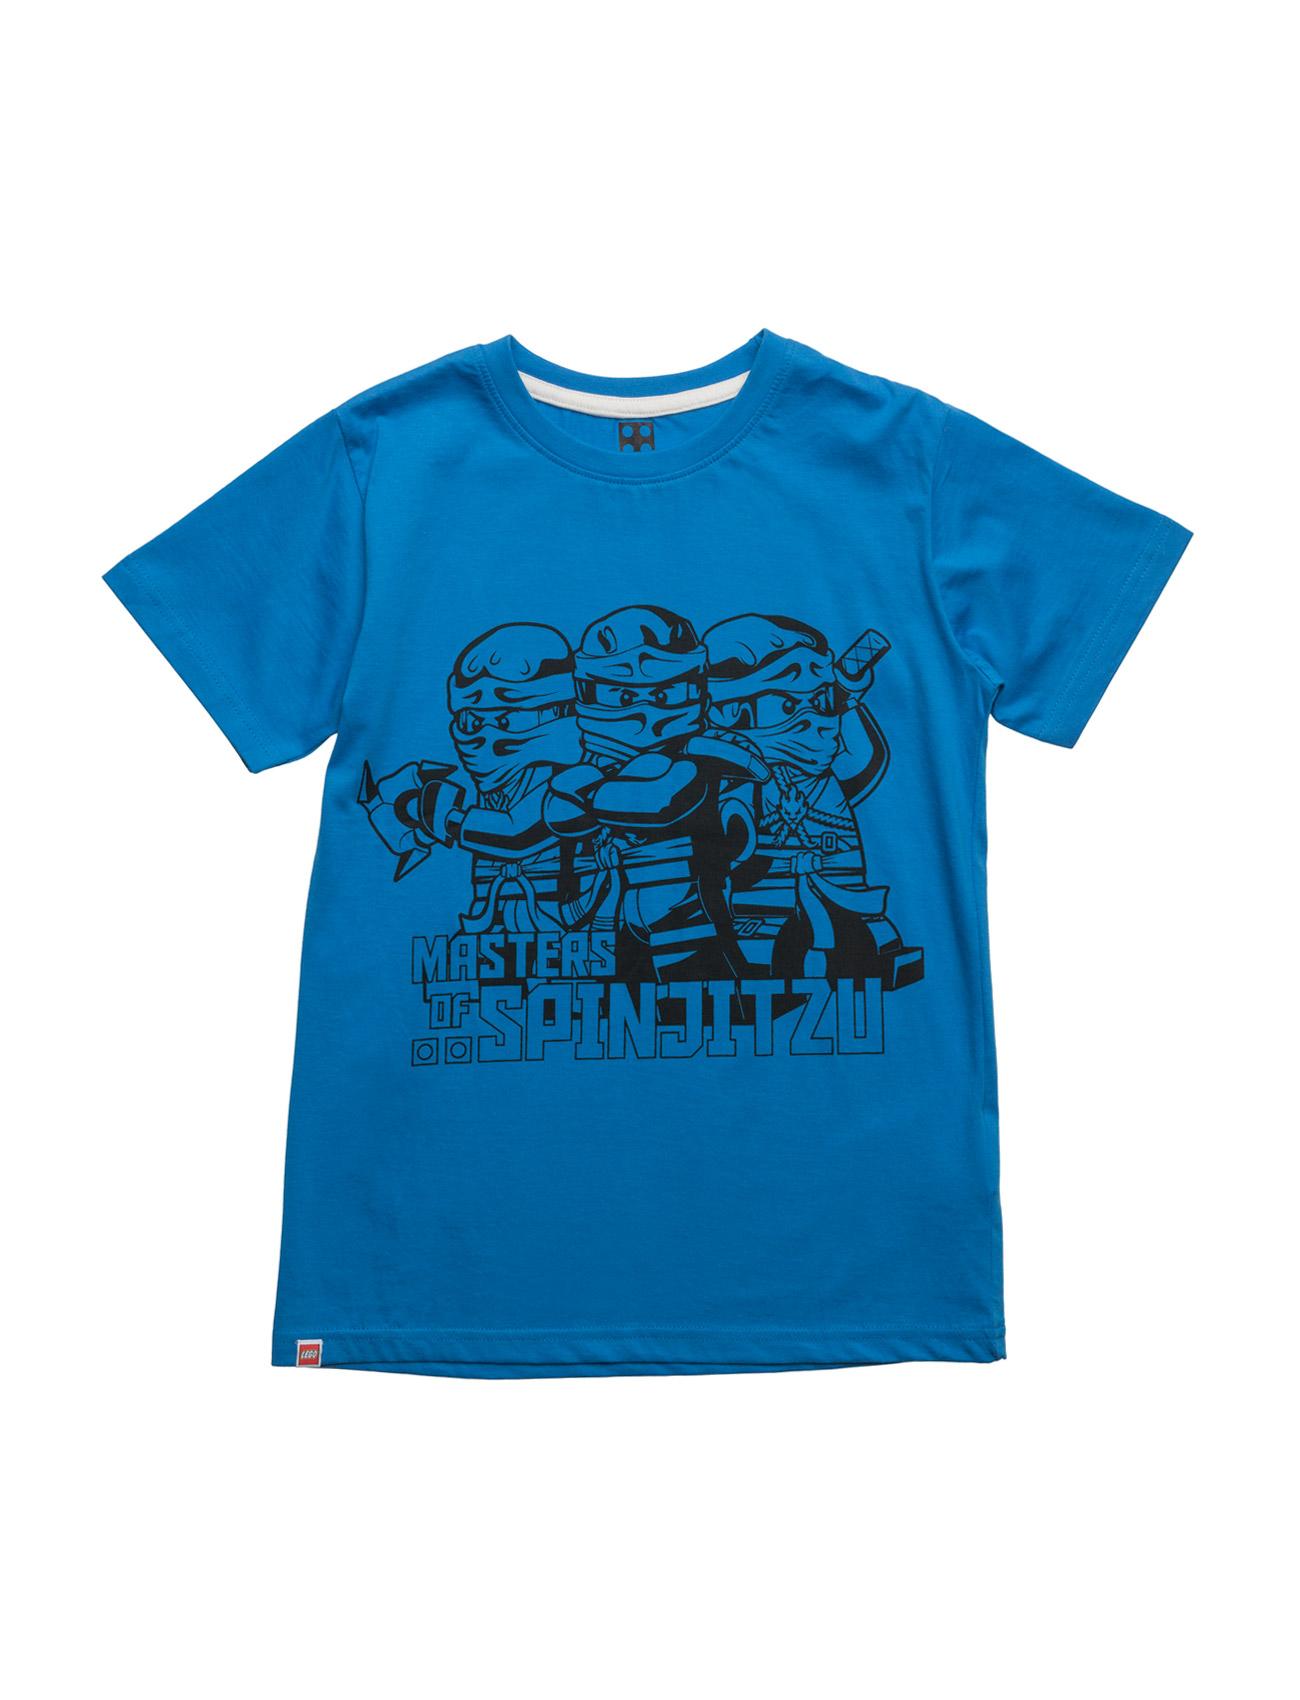 M-71167 - T-Shirt S/S Lego wear Kortærmede t-shirts til Børn i Blå